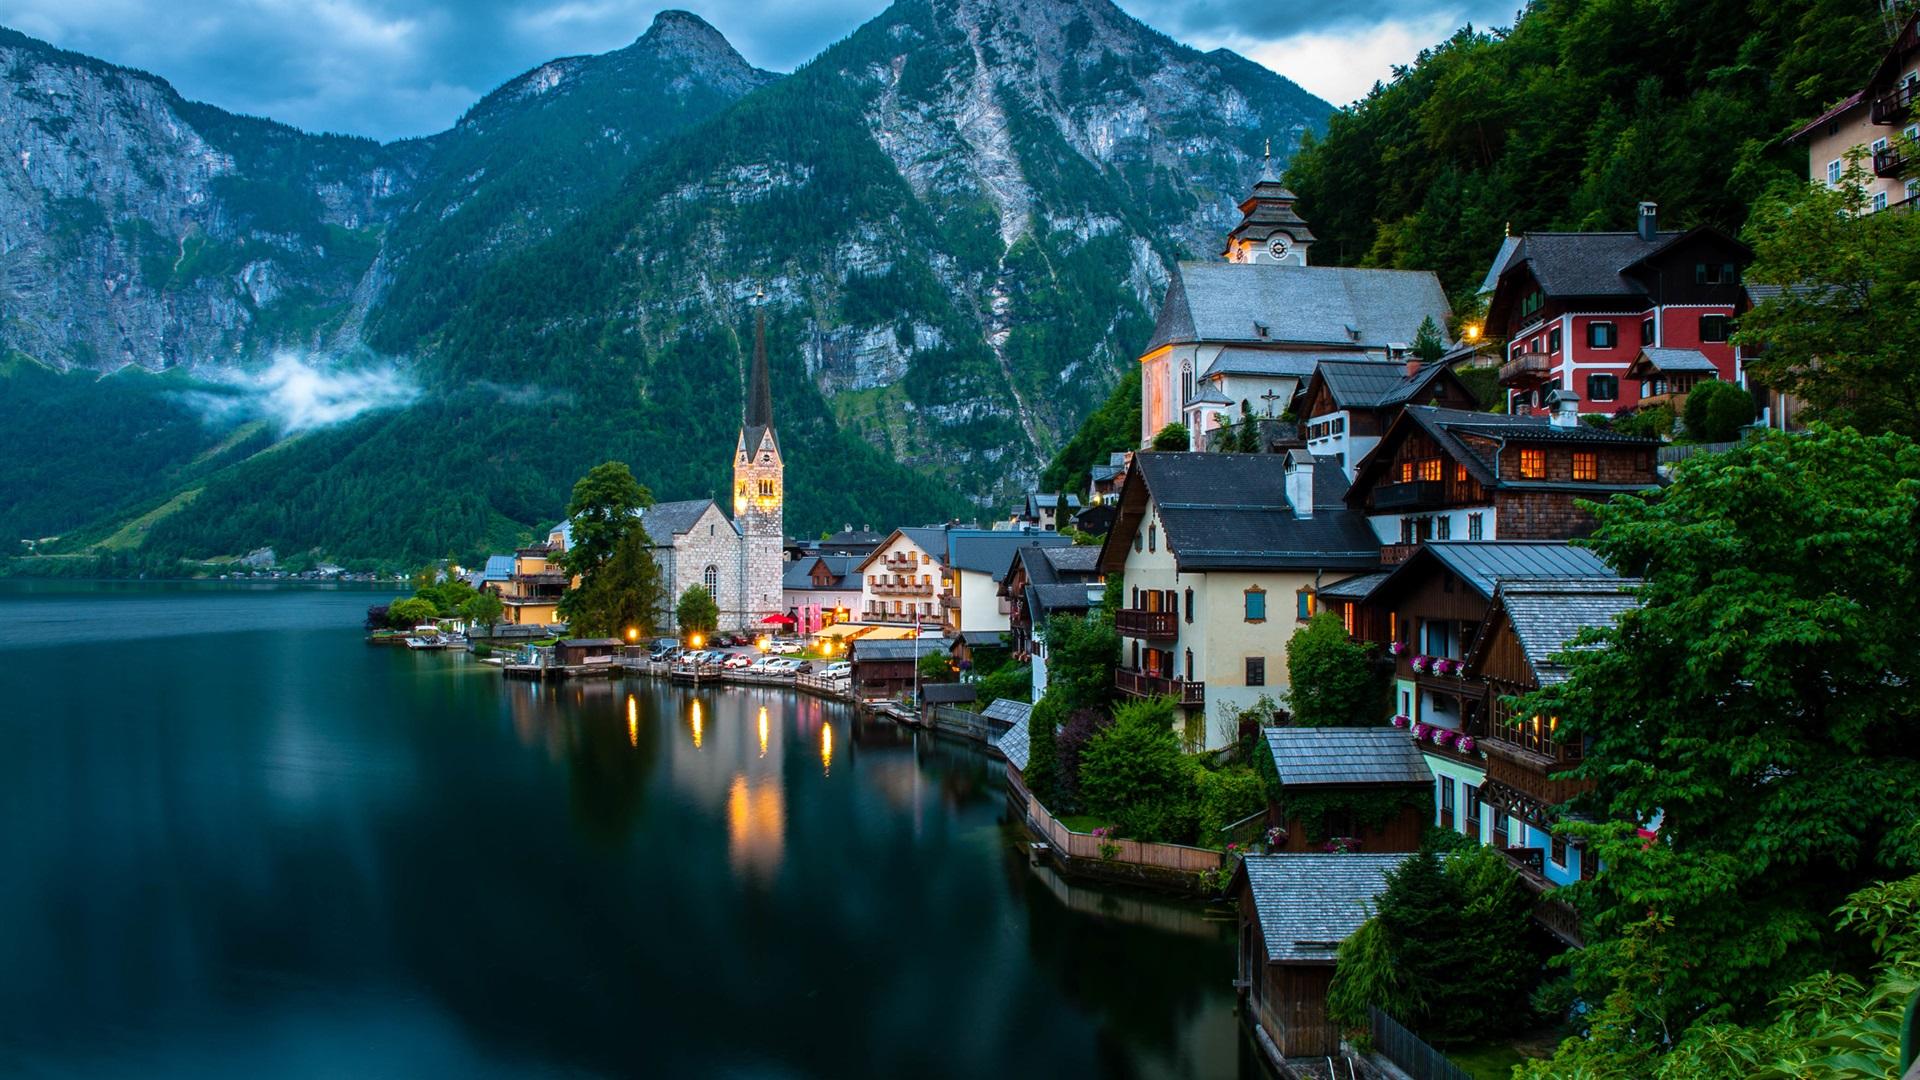 австрия горы обои на рабочий стол № 546390 бесплатно